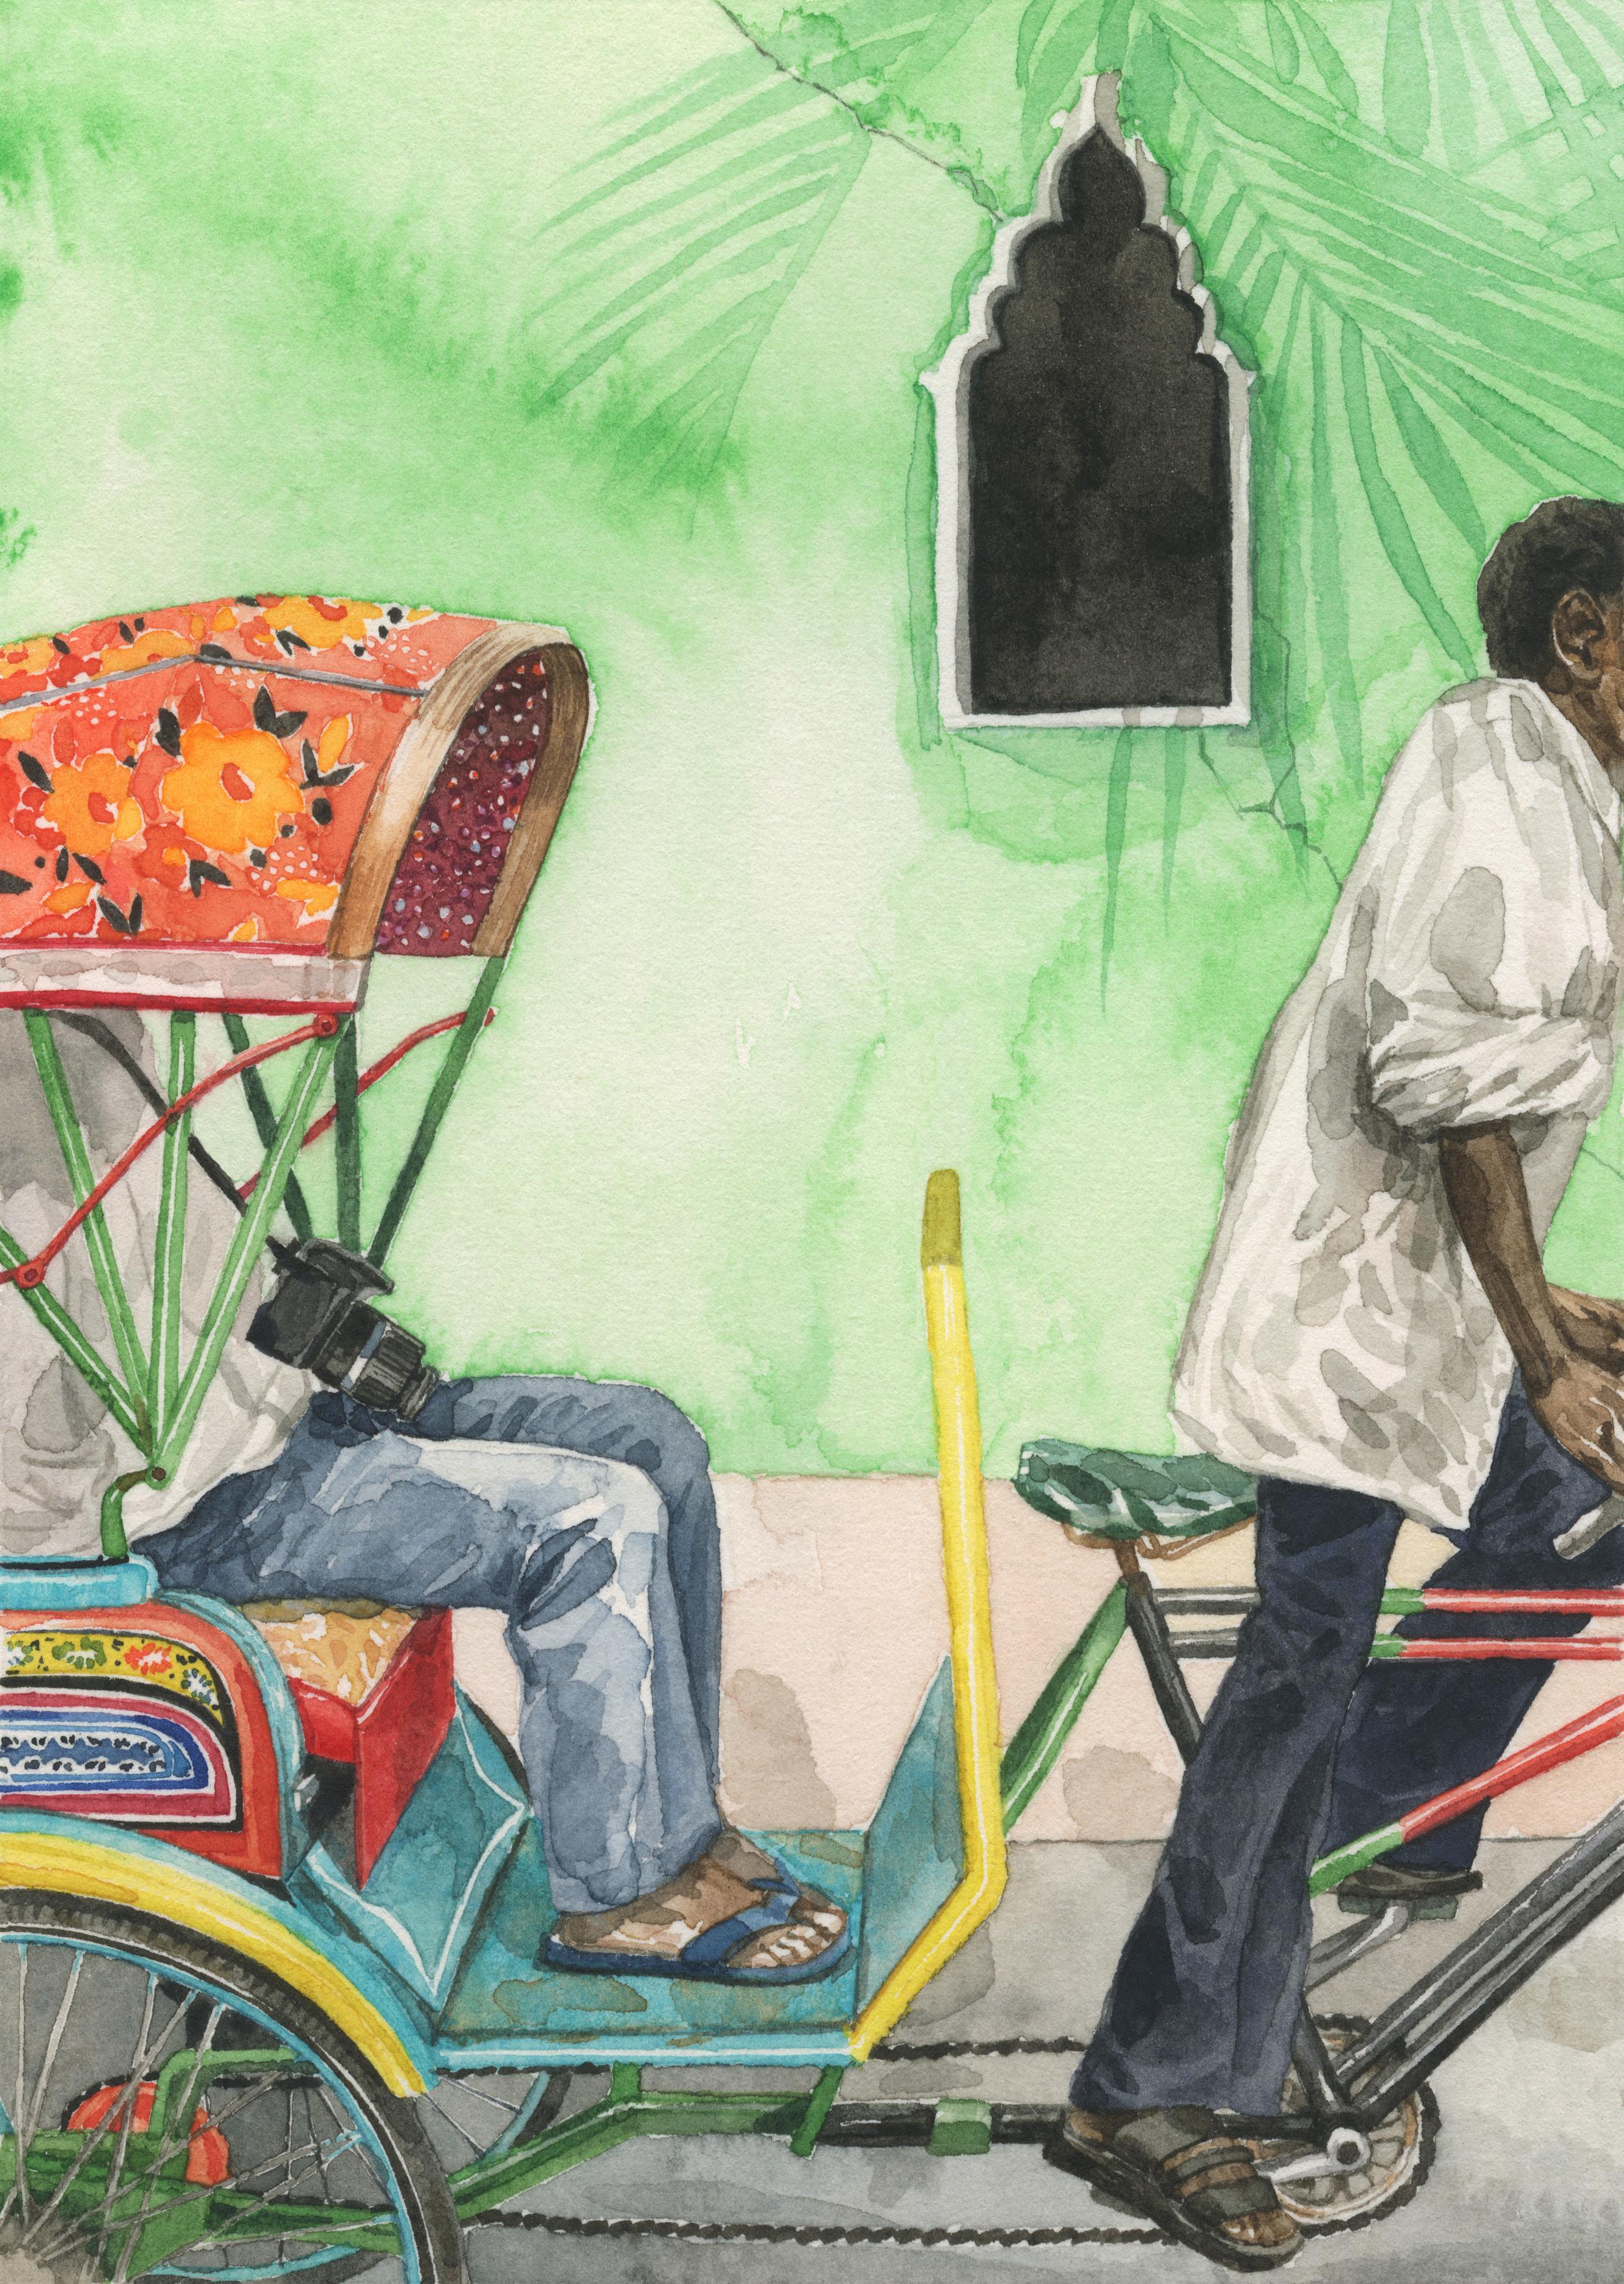 lucknow-rickshaw-web.jpg